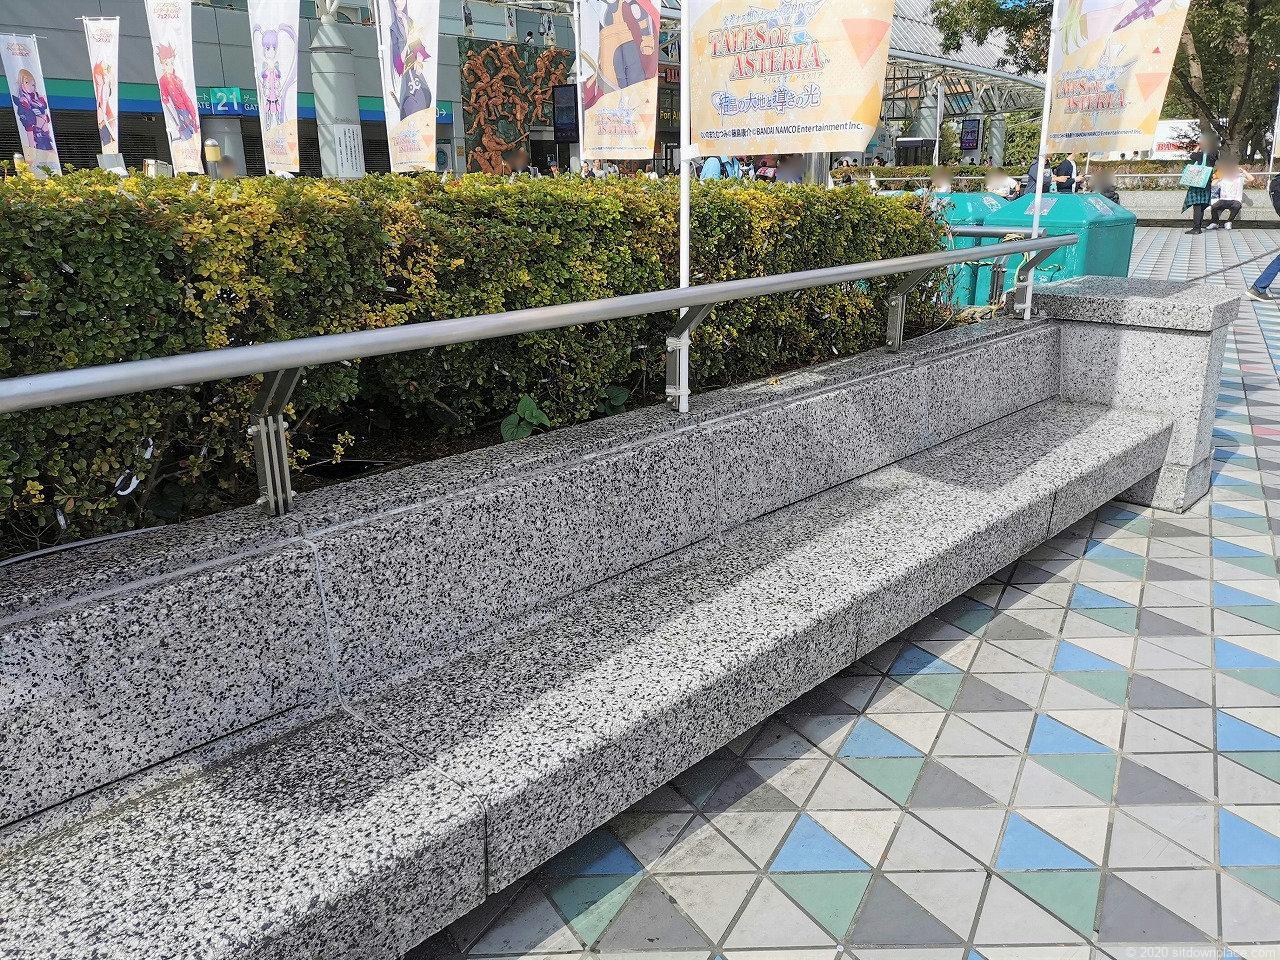 水道橋駅 東京ドーム周辺の休憩場所の石材ベンチ